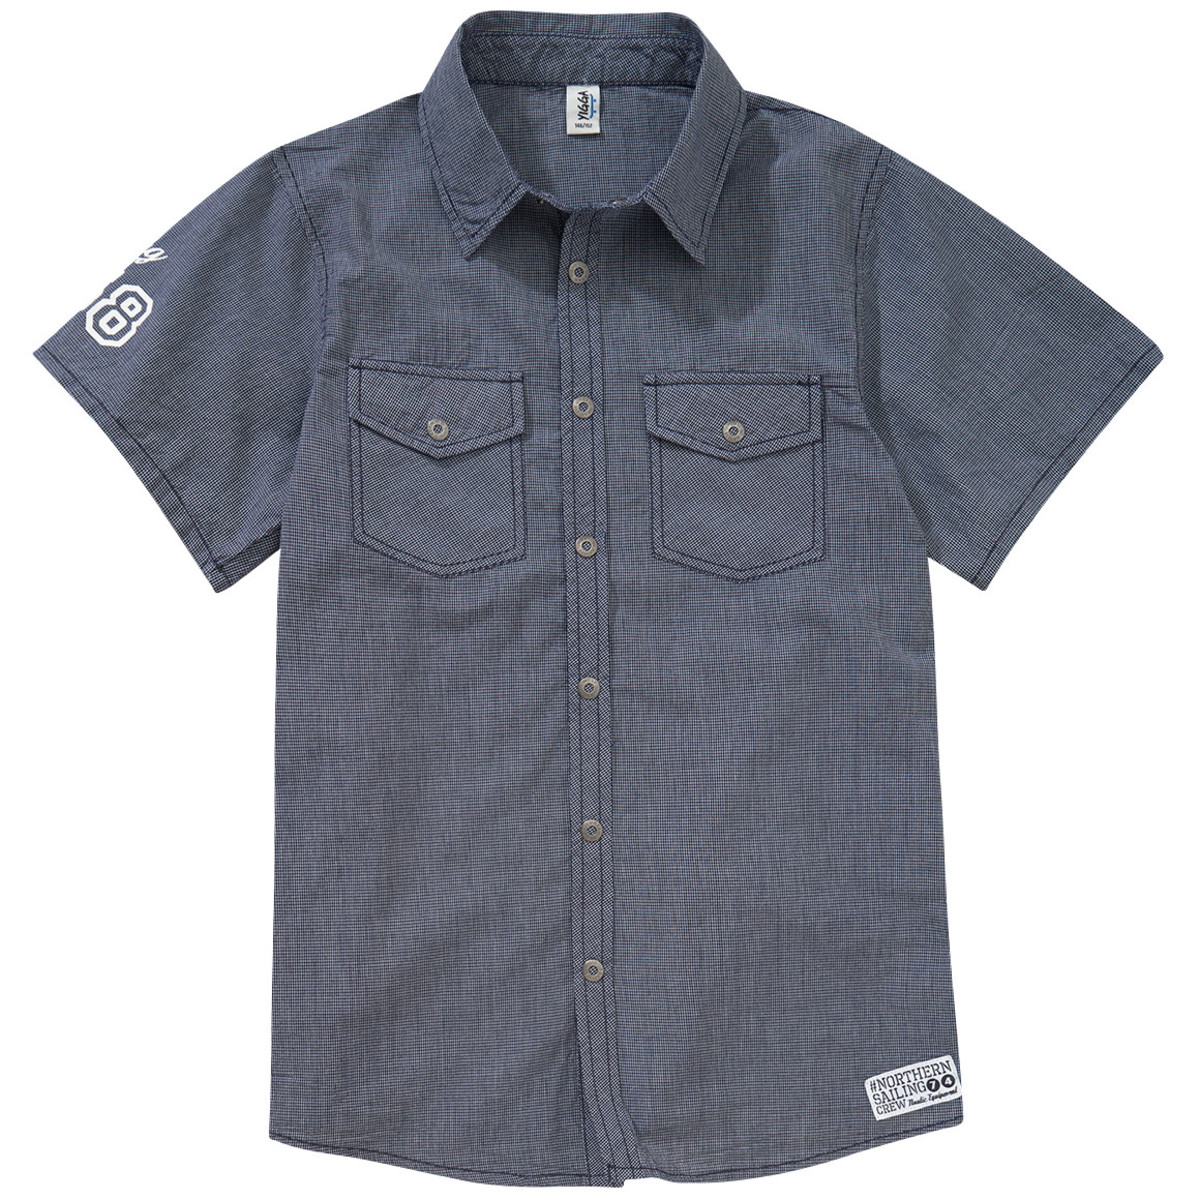 Bild 1 von Jungen Hemd im Karo-Look